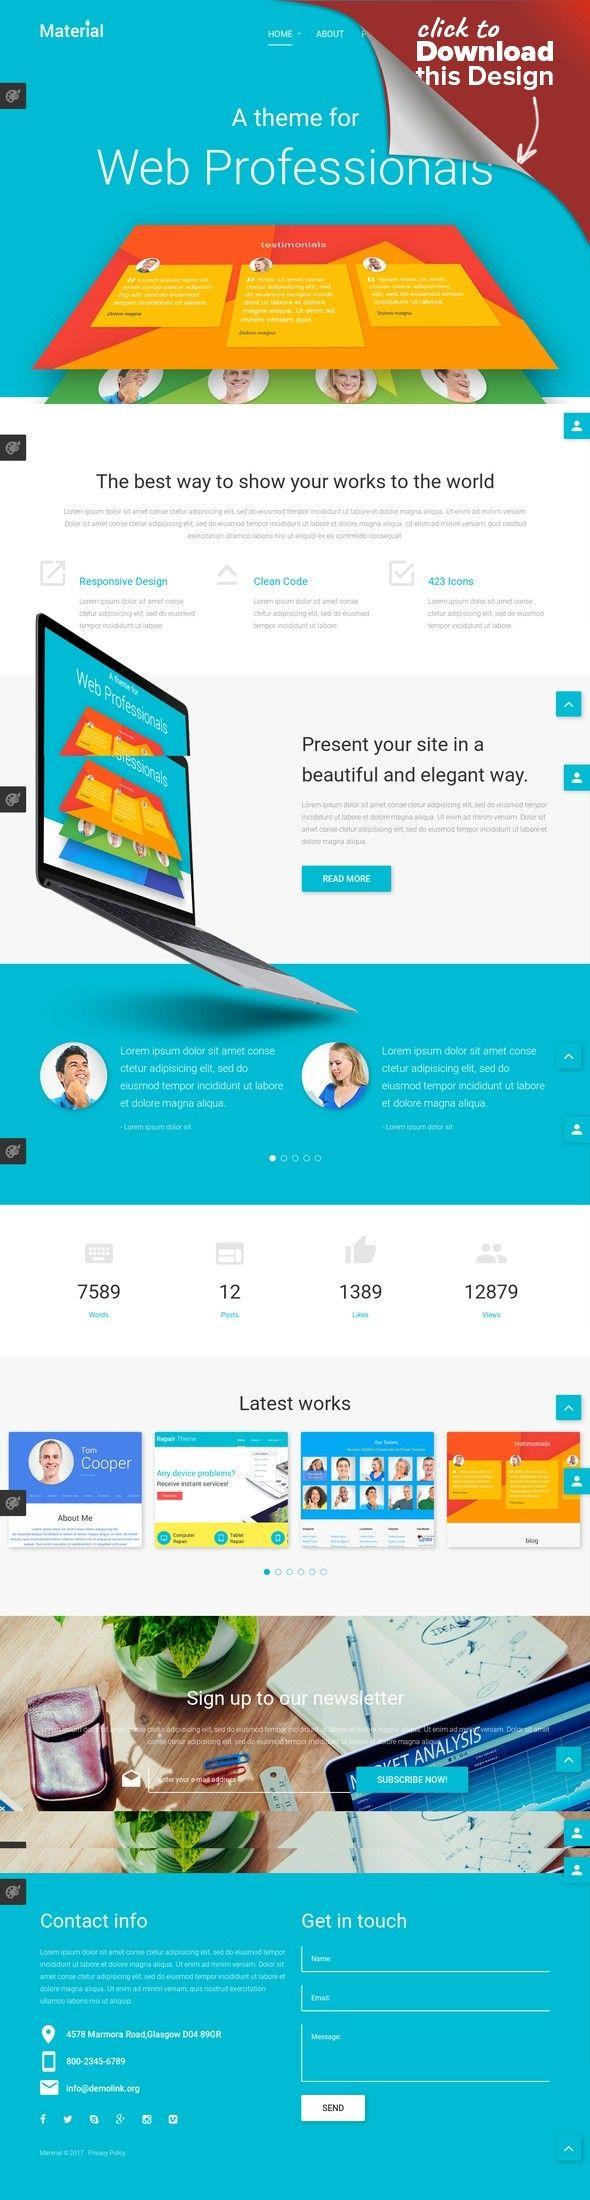 Material Joomla Template CMS & Blog Templates, Joomla Templates, Design & Photography, Design, Web Design Templates